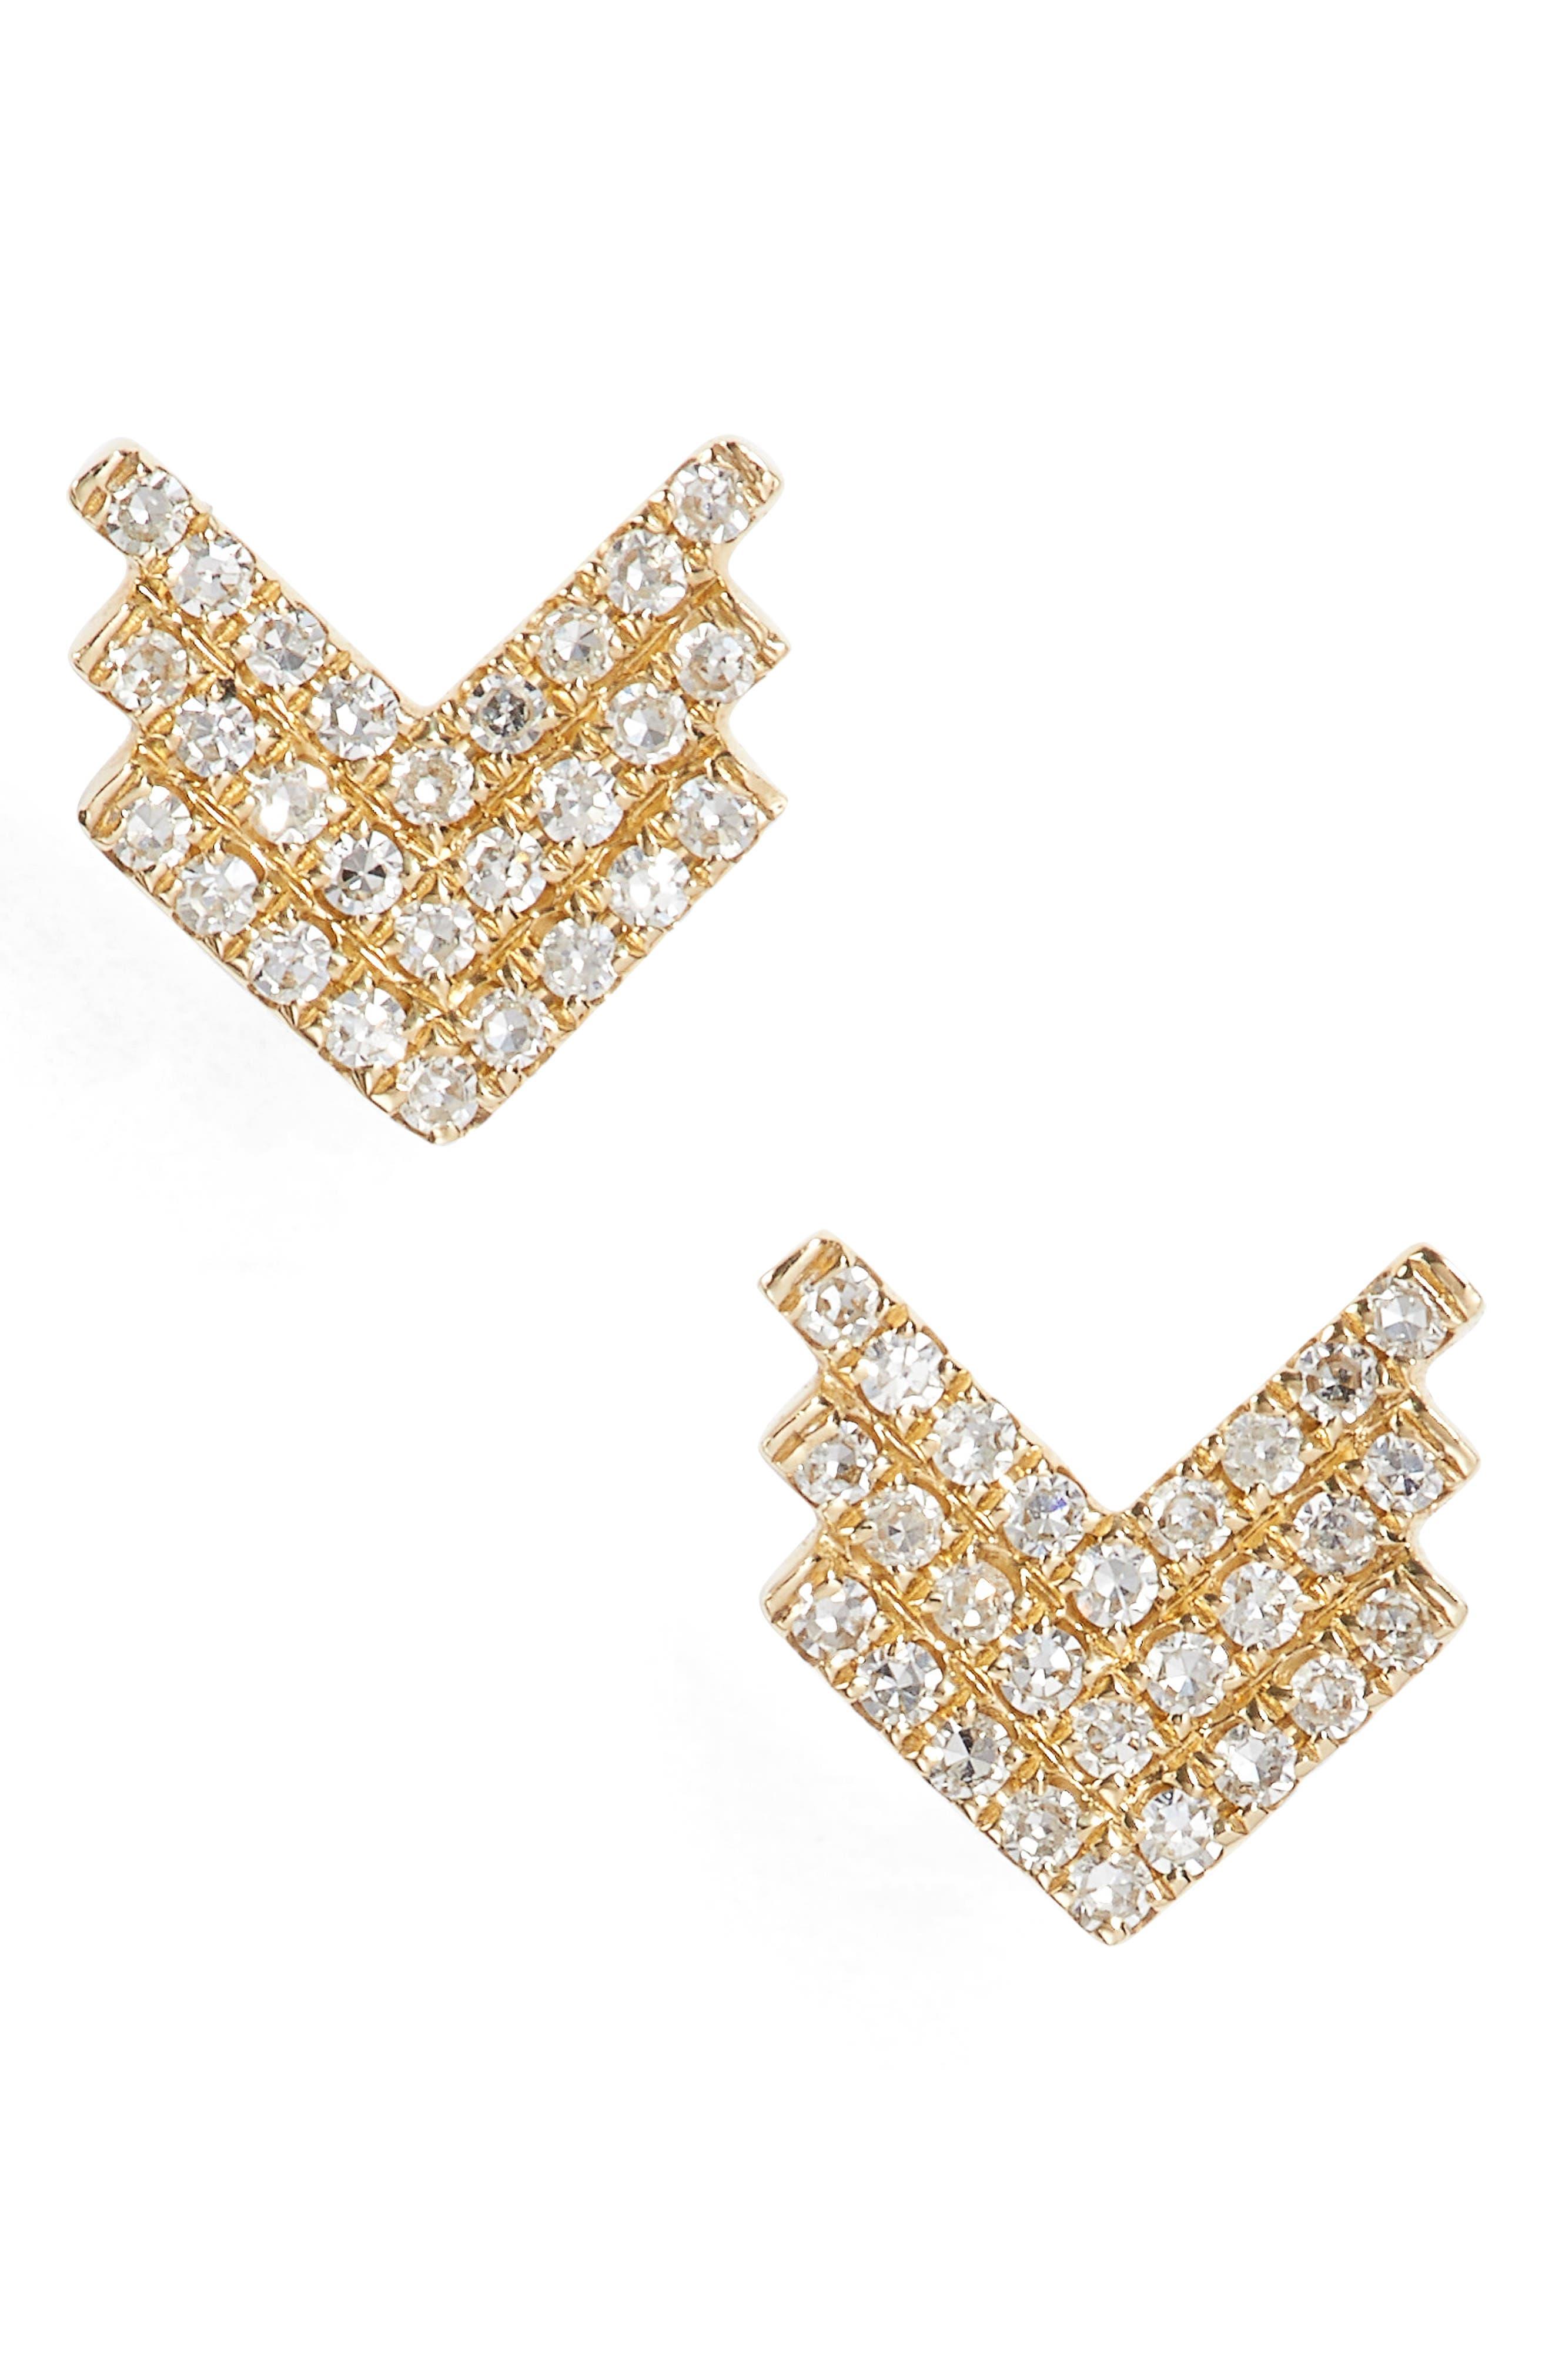 Shield Diamond Stud Earrings,                             Main thumbnail 1, color,